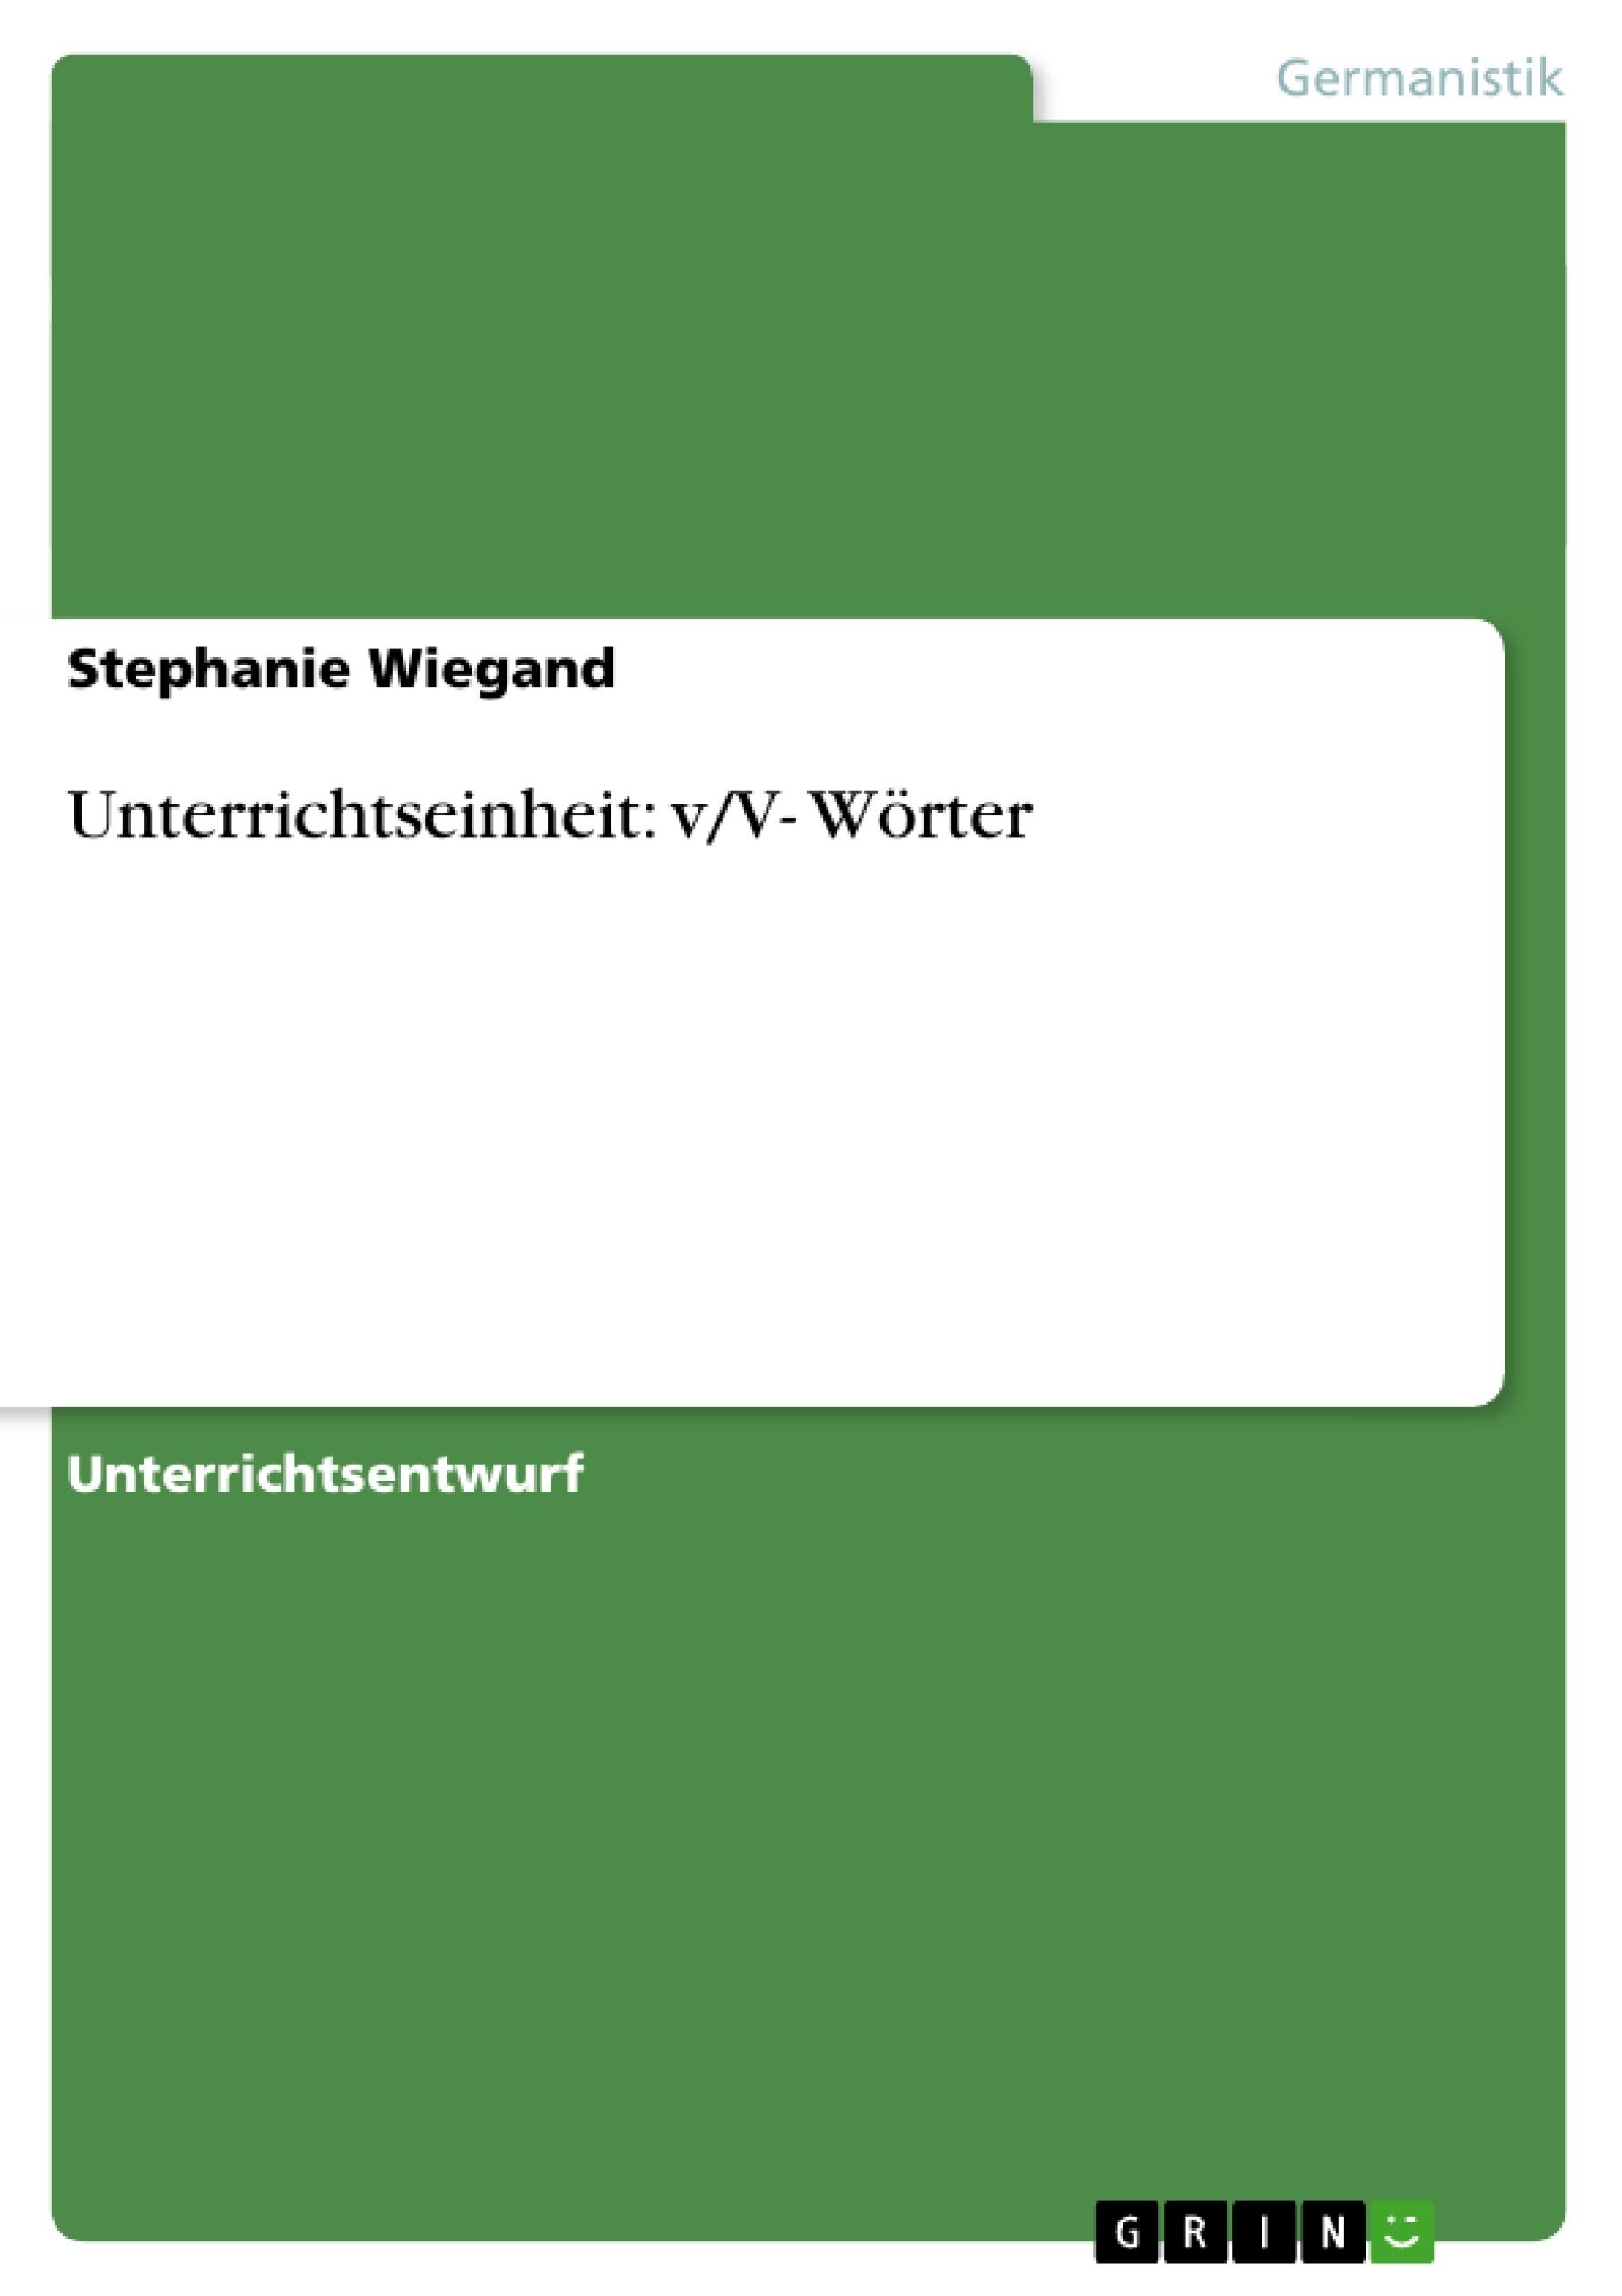 Gemütlich Rate Wort Probleme Arbeitsblatt Bilder - Super Lehrer ...